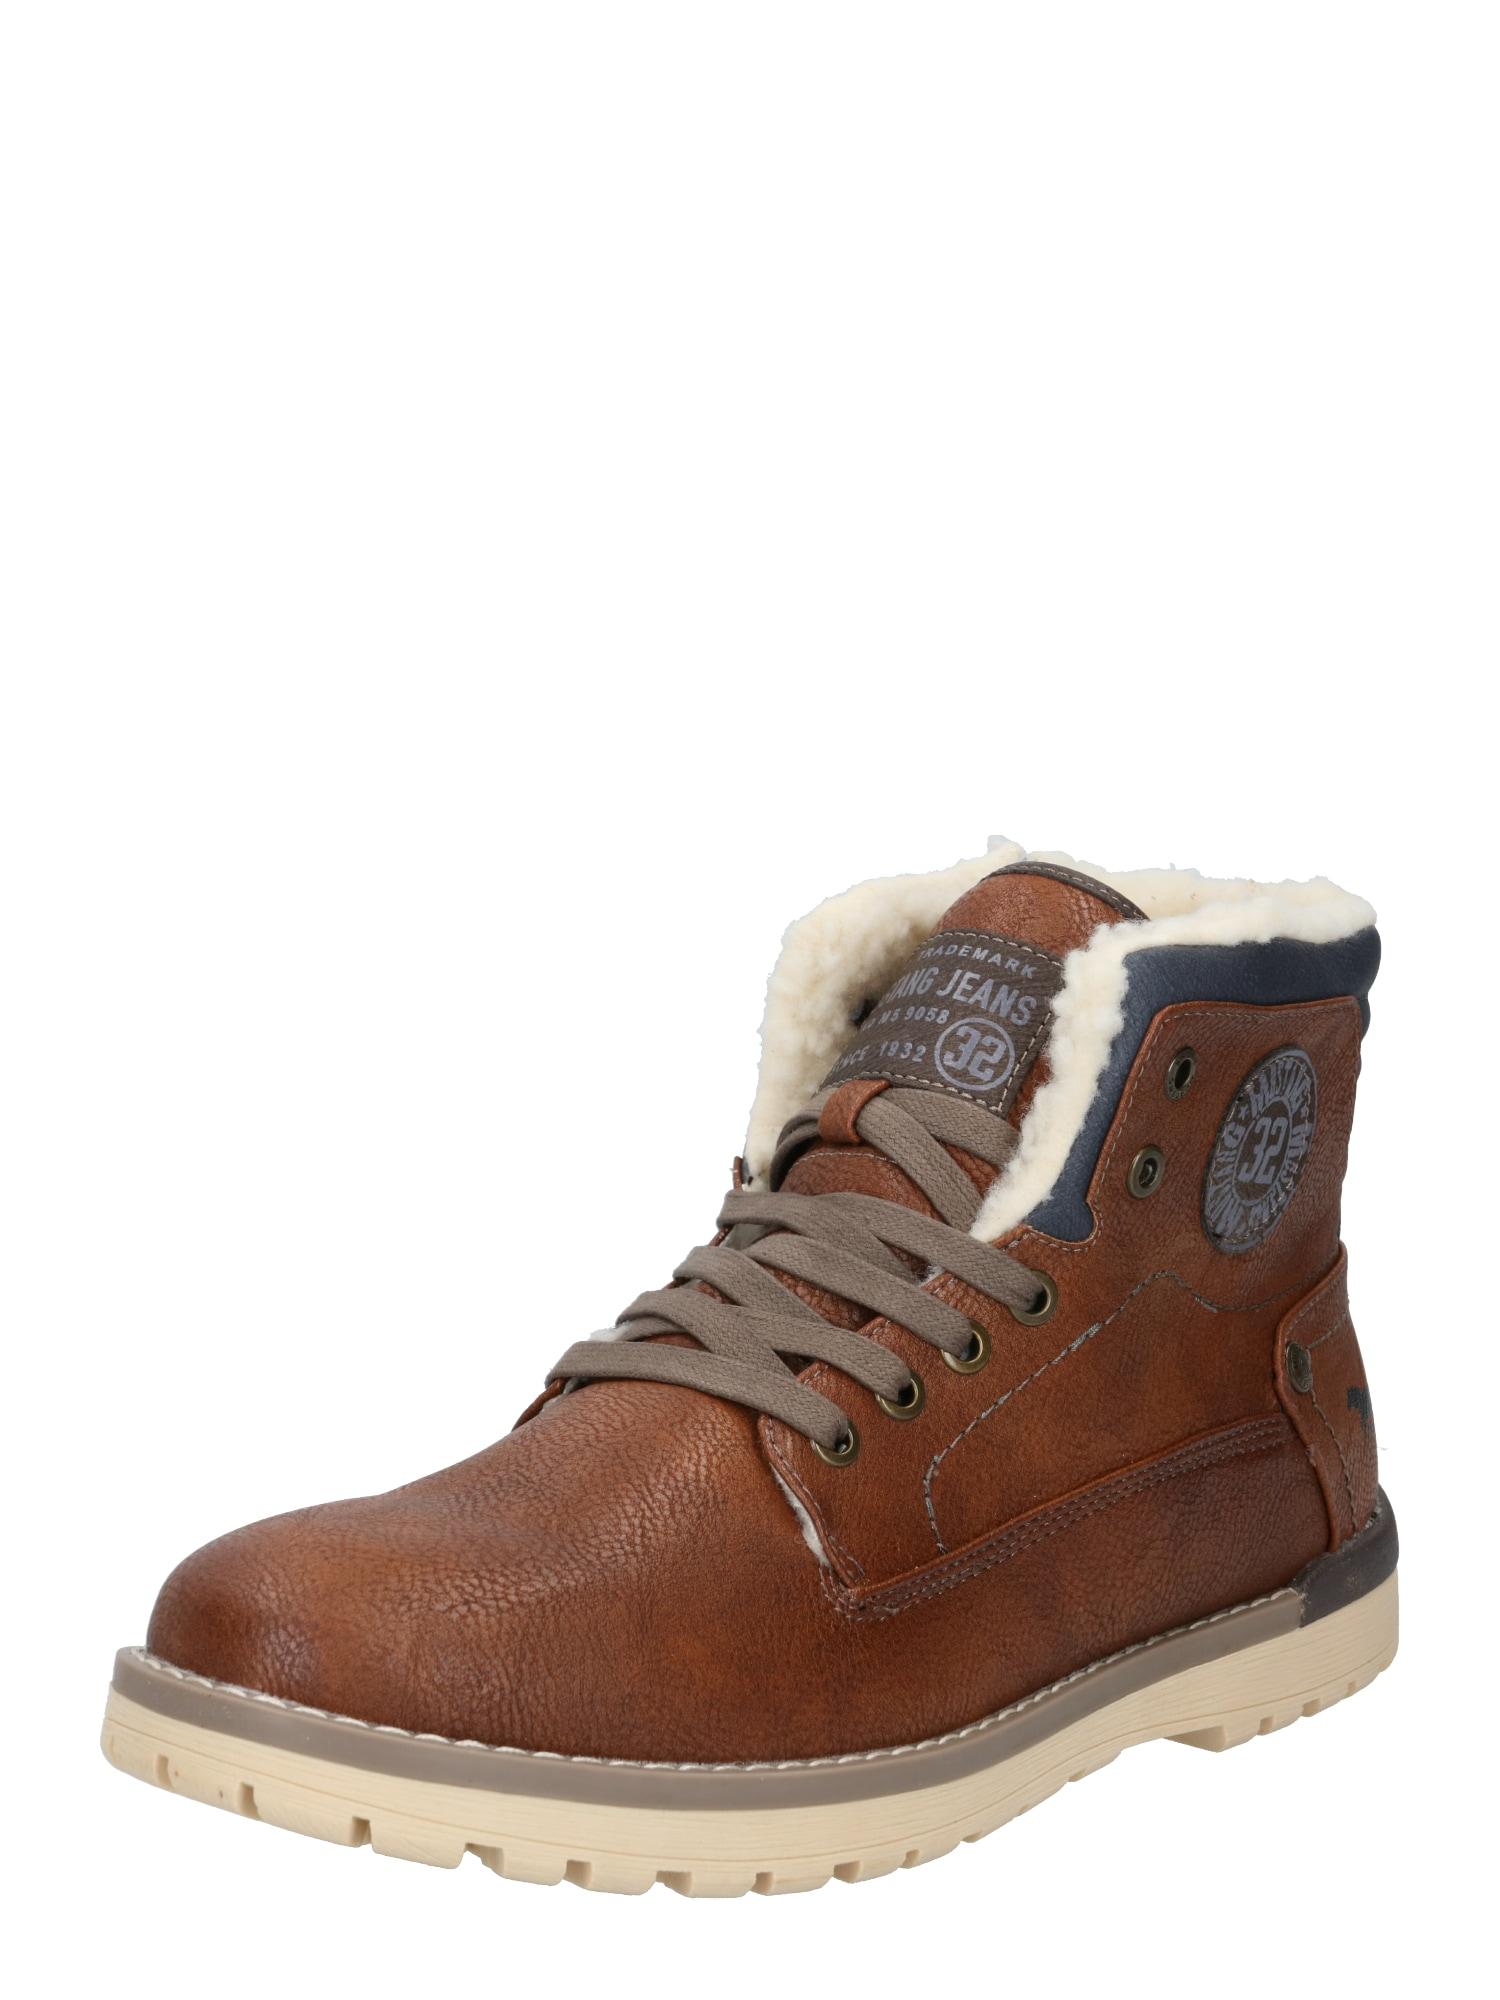 MUSTANG Auliniai batai su raišteliais ruda (konjako)